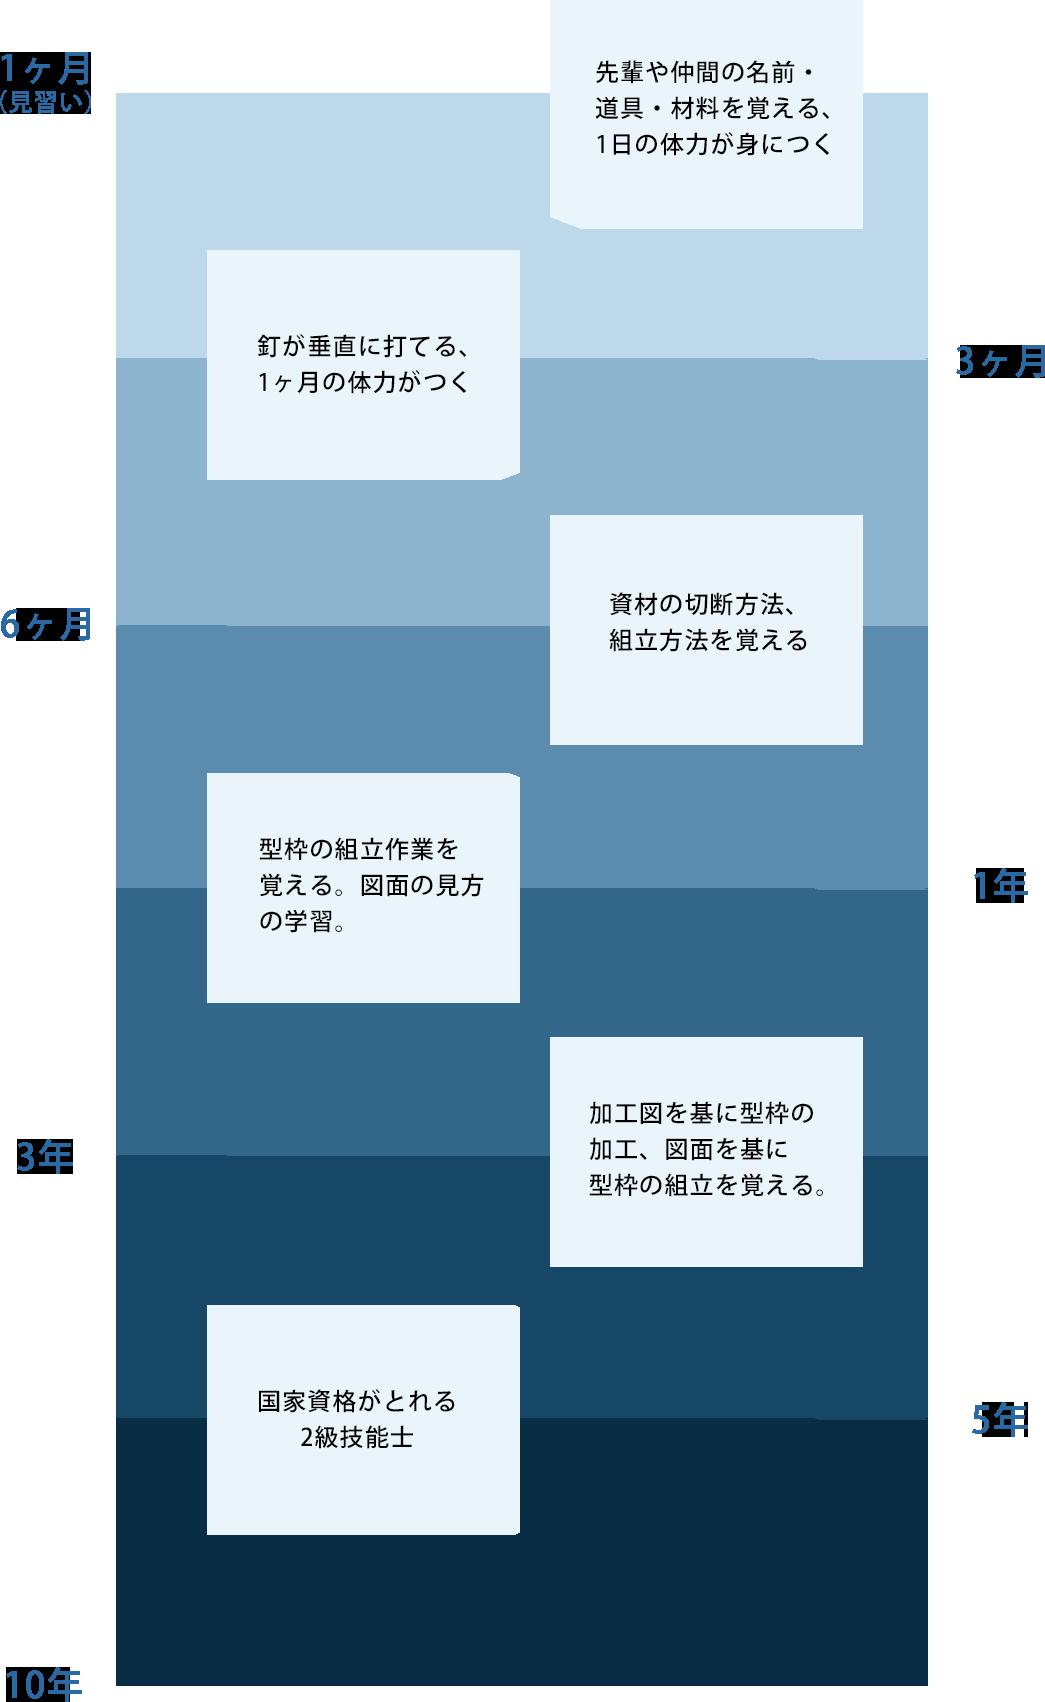 村井工務店 採用情報 A君の技術取得の流れの画像1